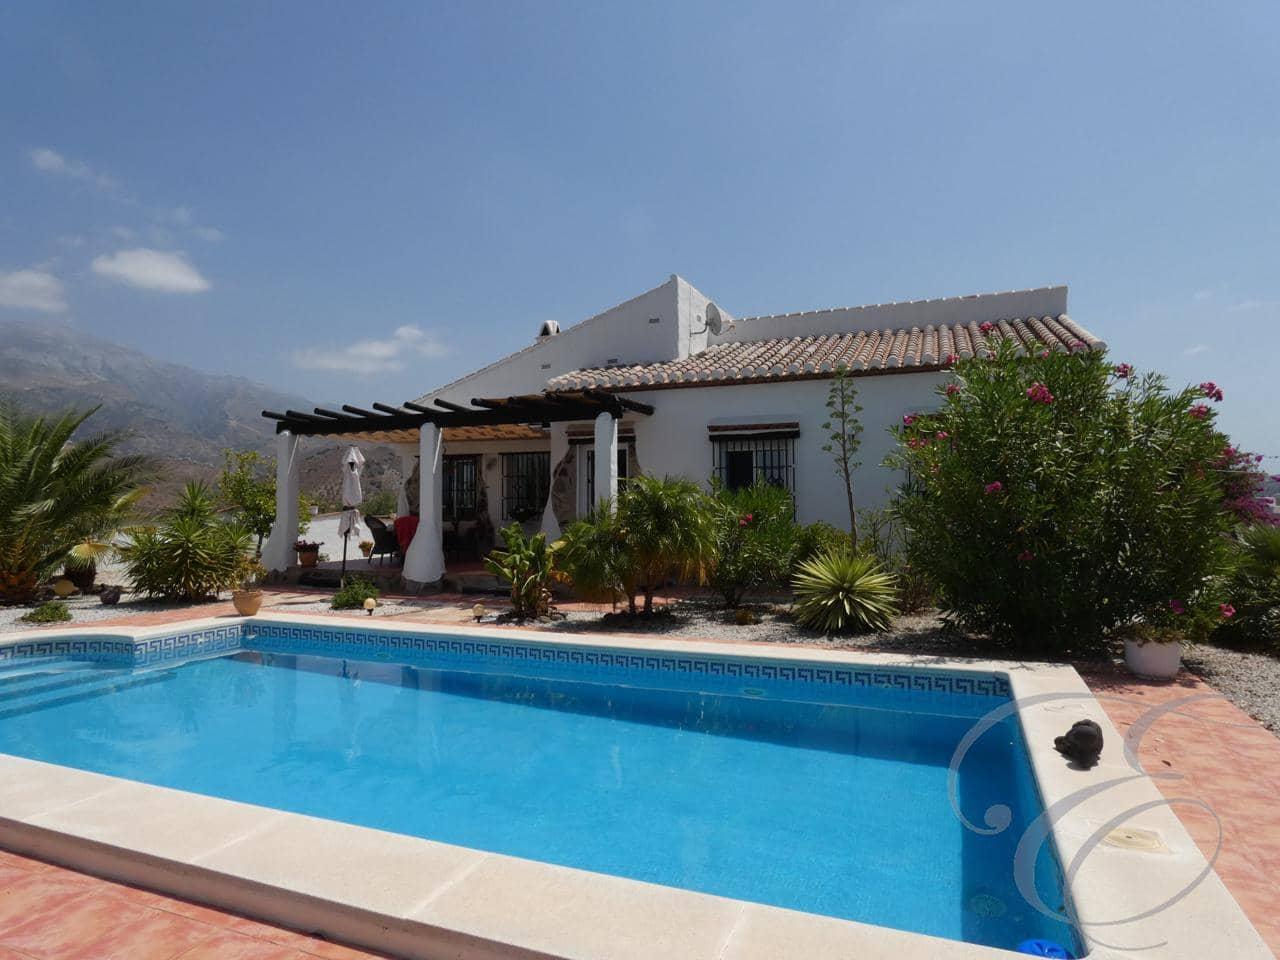 3 bedroom Villa for sale in Canillas de Aceituno with pool garage - € 265,000 (Ref: 4732101)